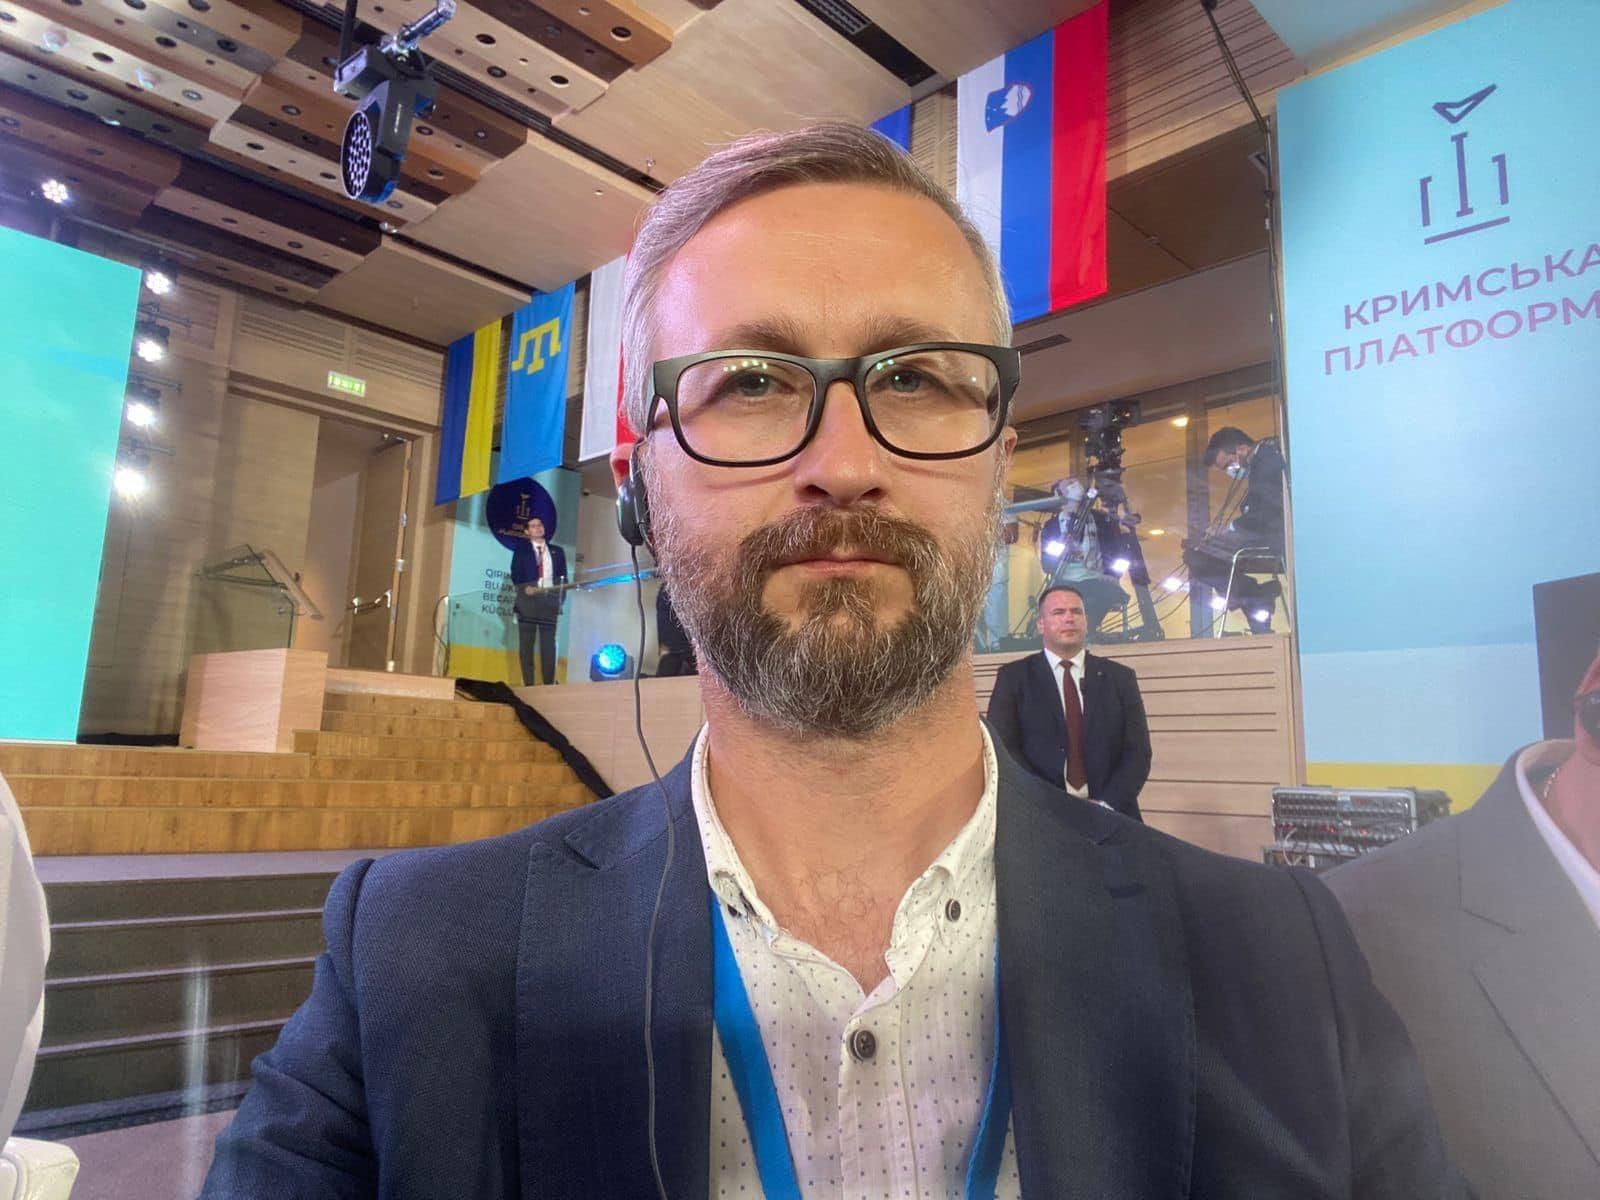 dzelial - <b>ООН розповіла про порушення прав людини в Криму.</b> Наступного дня ФСБ затримала кримських татар - Заборона